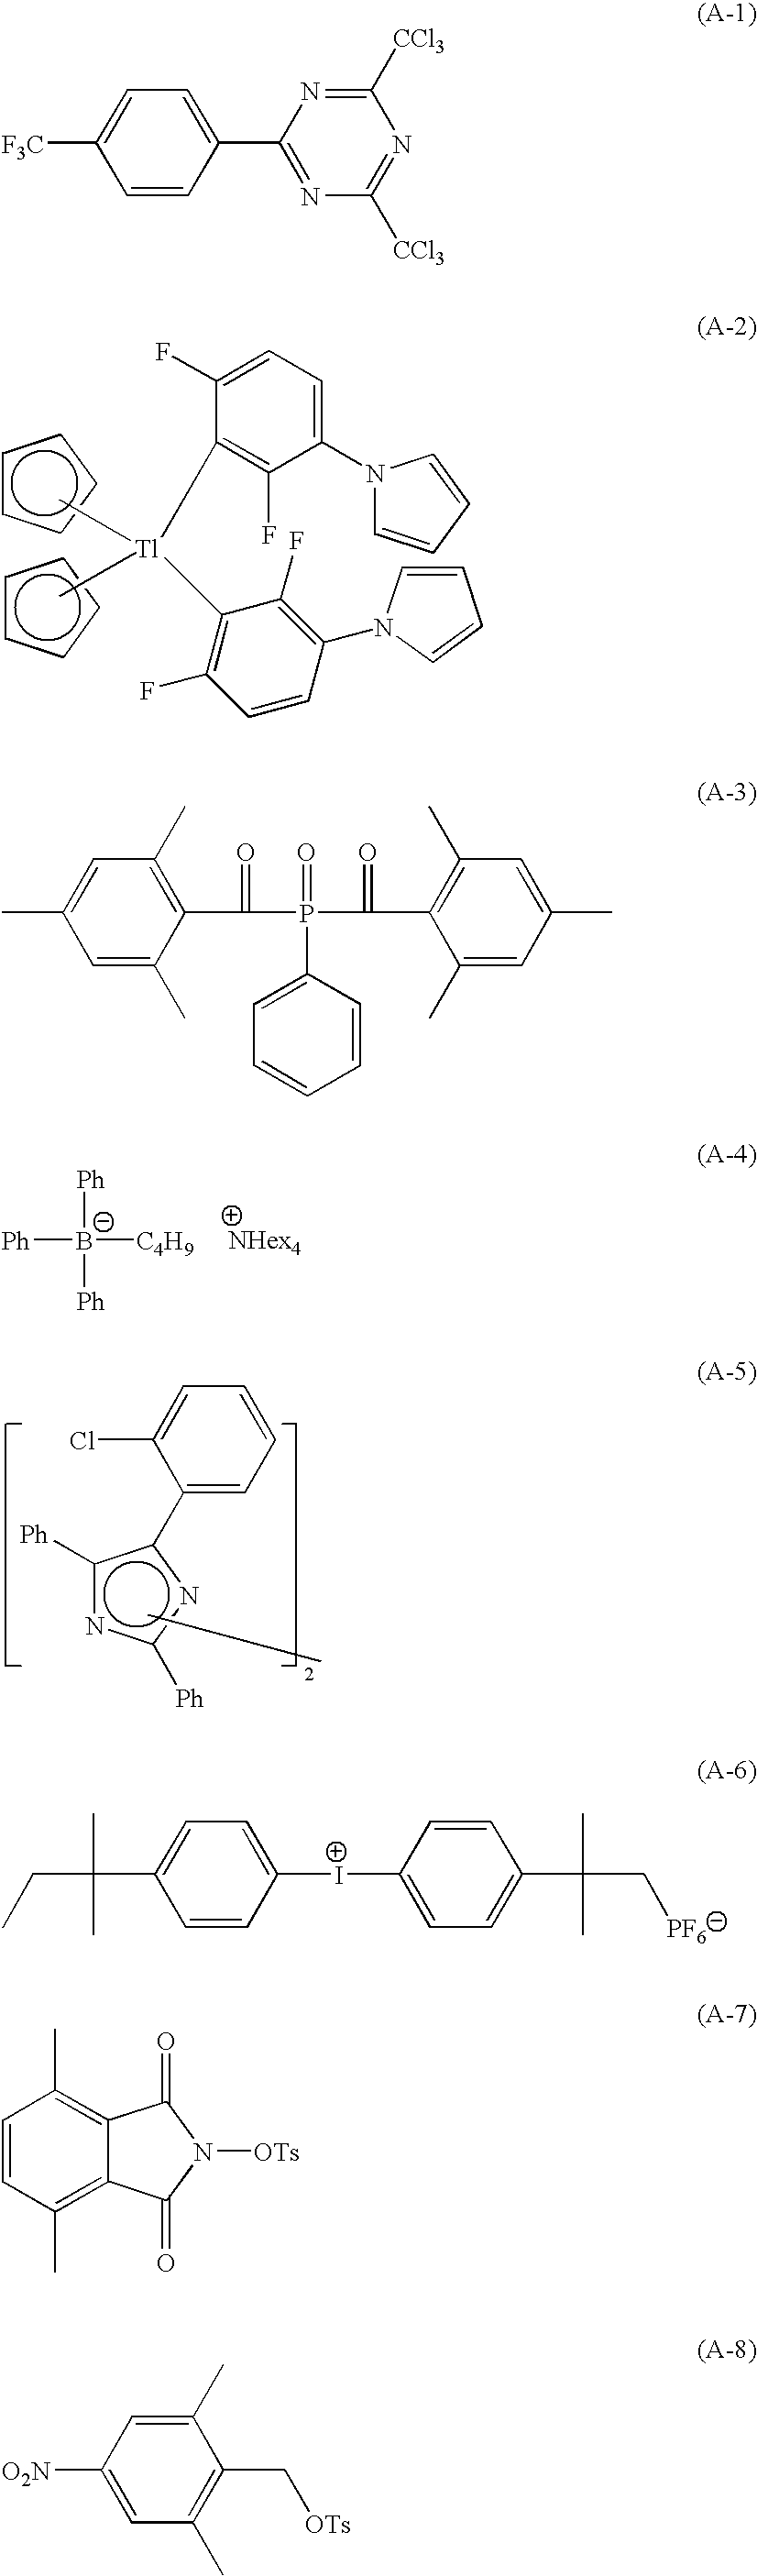 Figure US20040224257A1-20041111-C00028